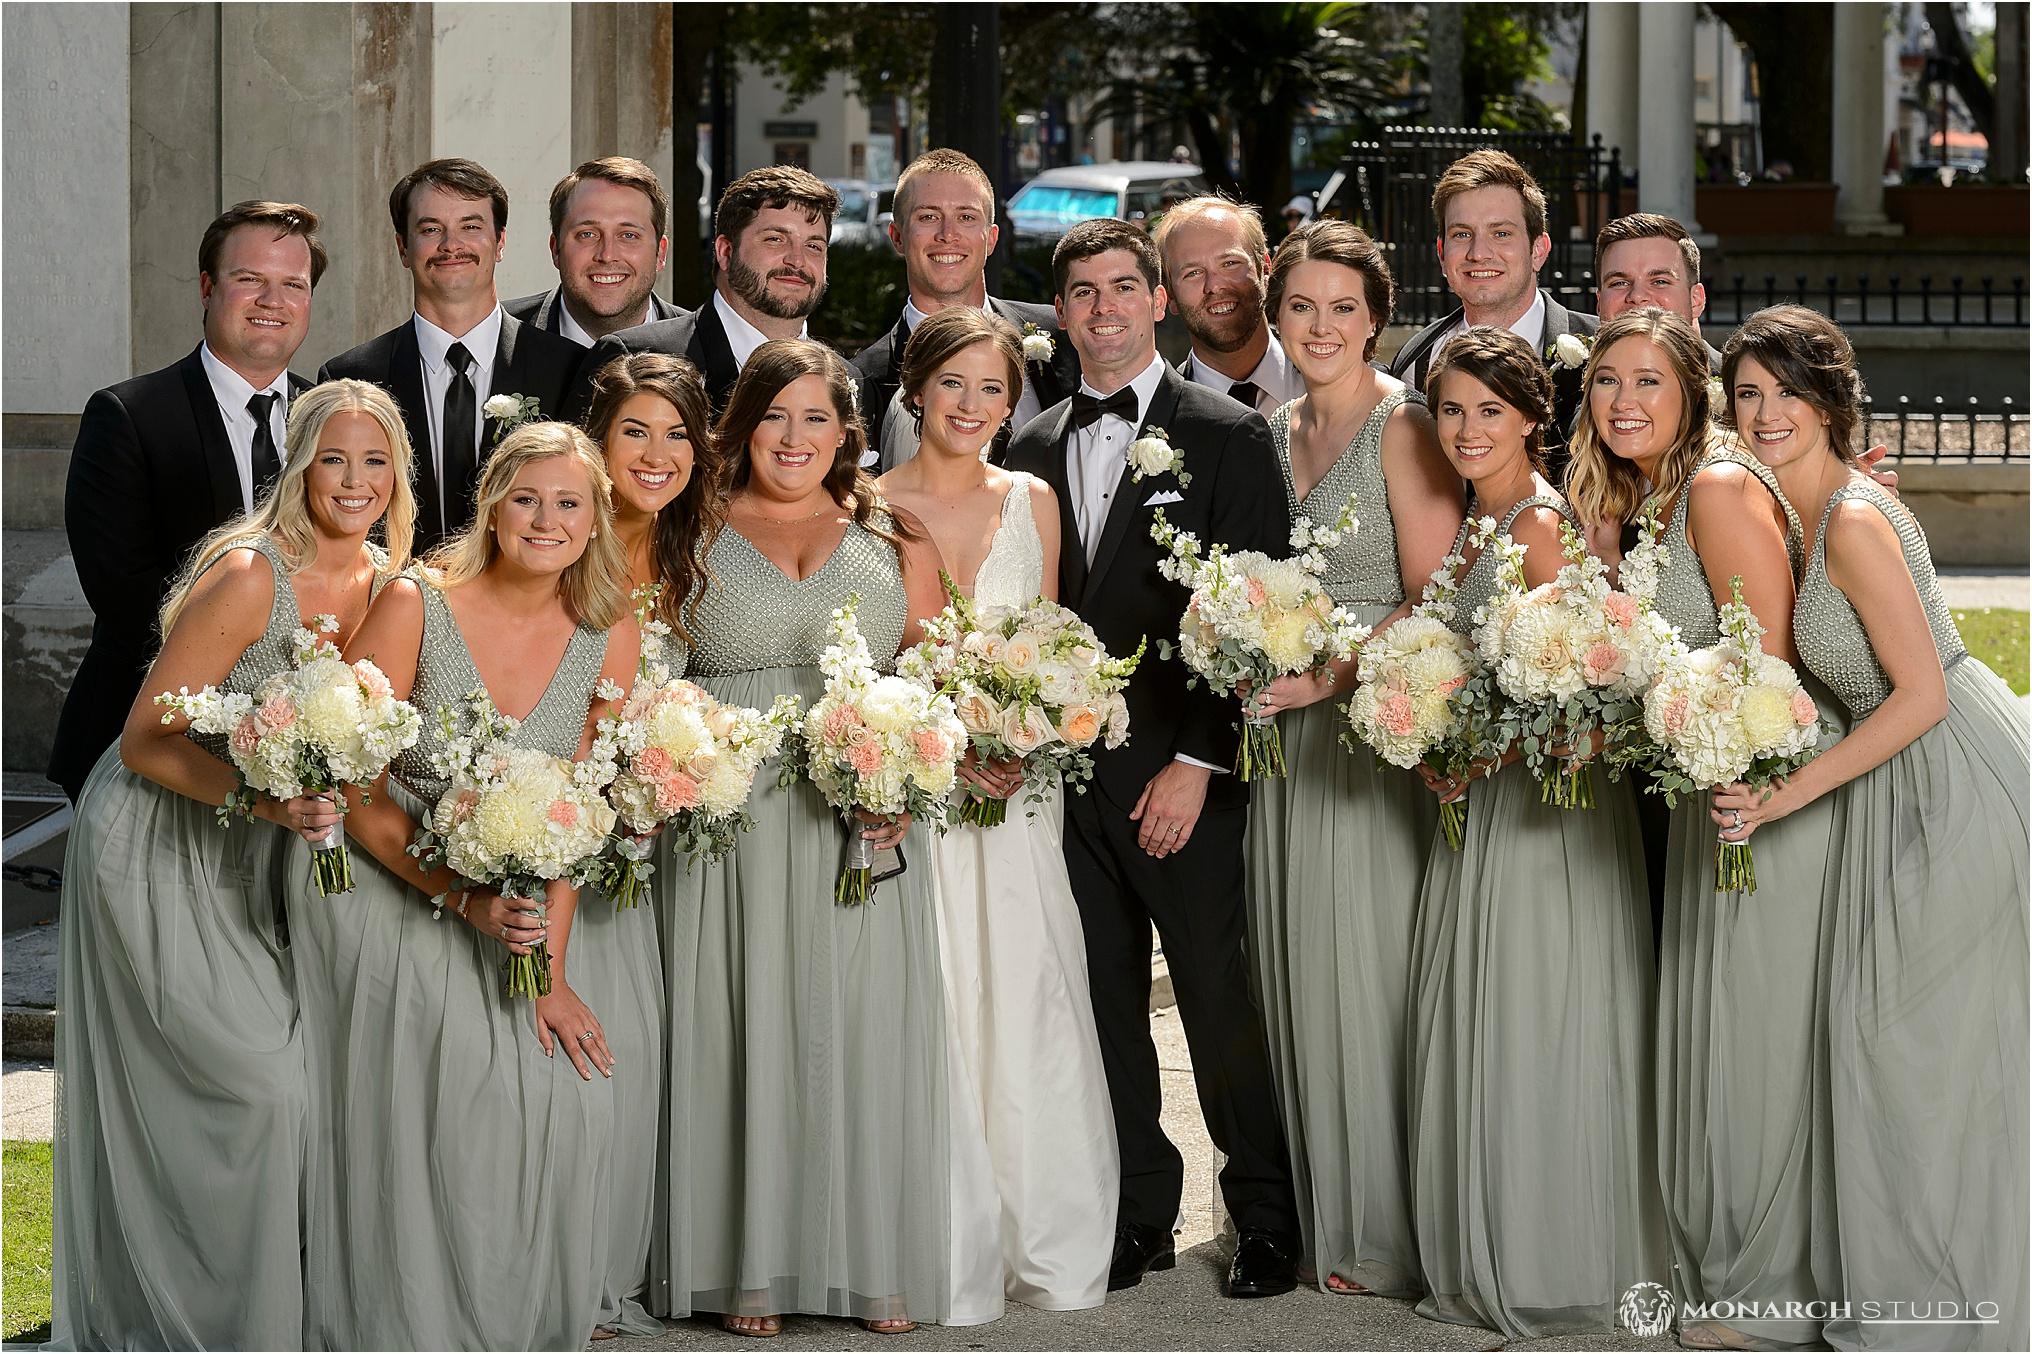 Wedding-PHotographer-in-st-augustine-2019-057.jpg